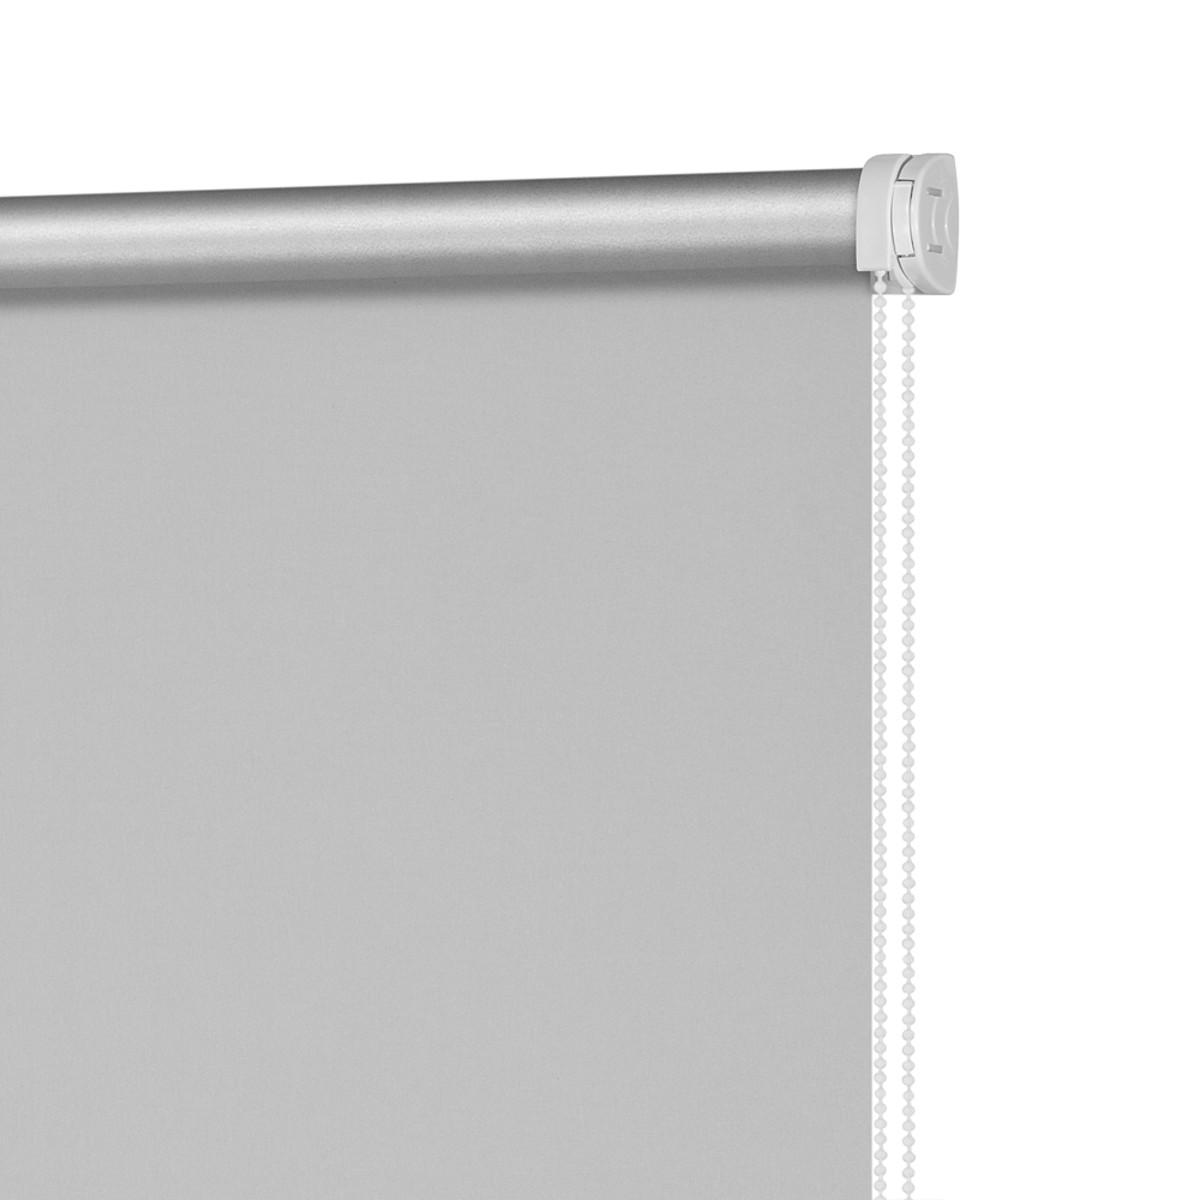 Рулонная Ора Decofest Блэкаут Плайн 50Х160 Цвет Серый